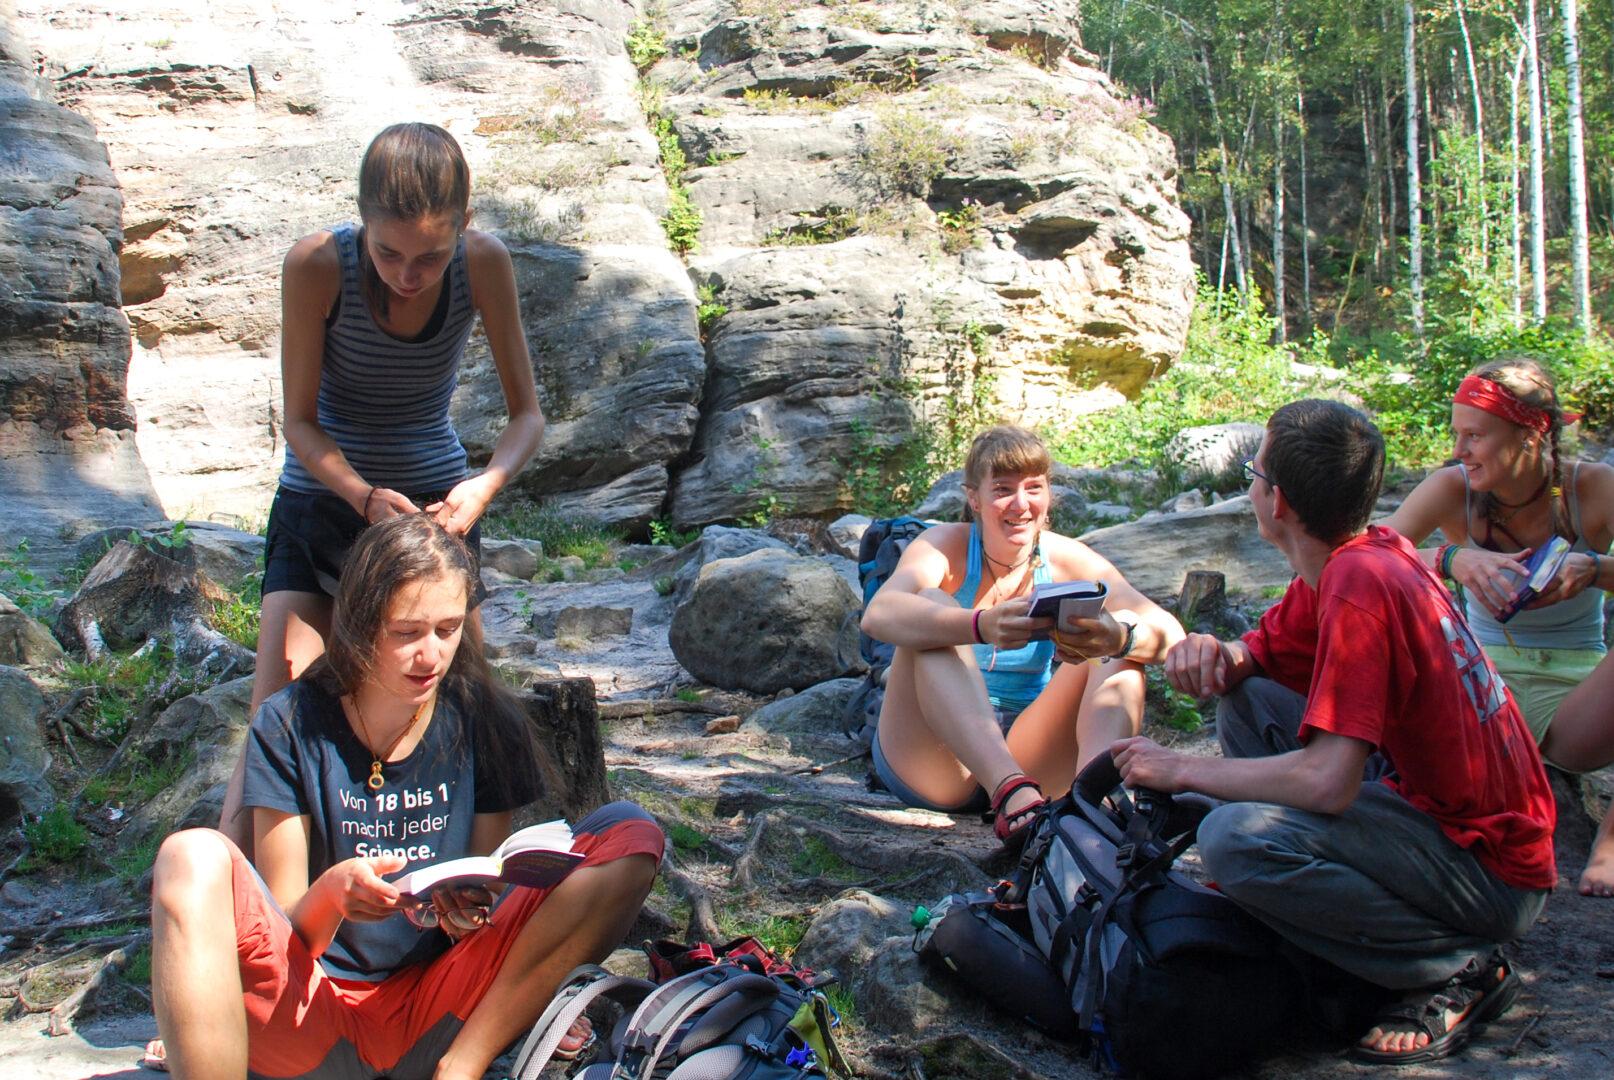 Jugendleiter*innen sitzen am Fuß von Felsen und sprechen über bevorstehende Kletterroute